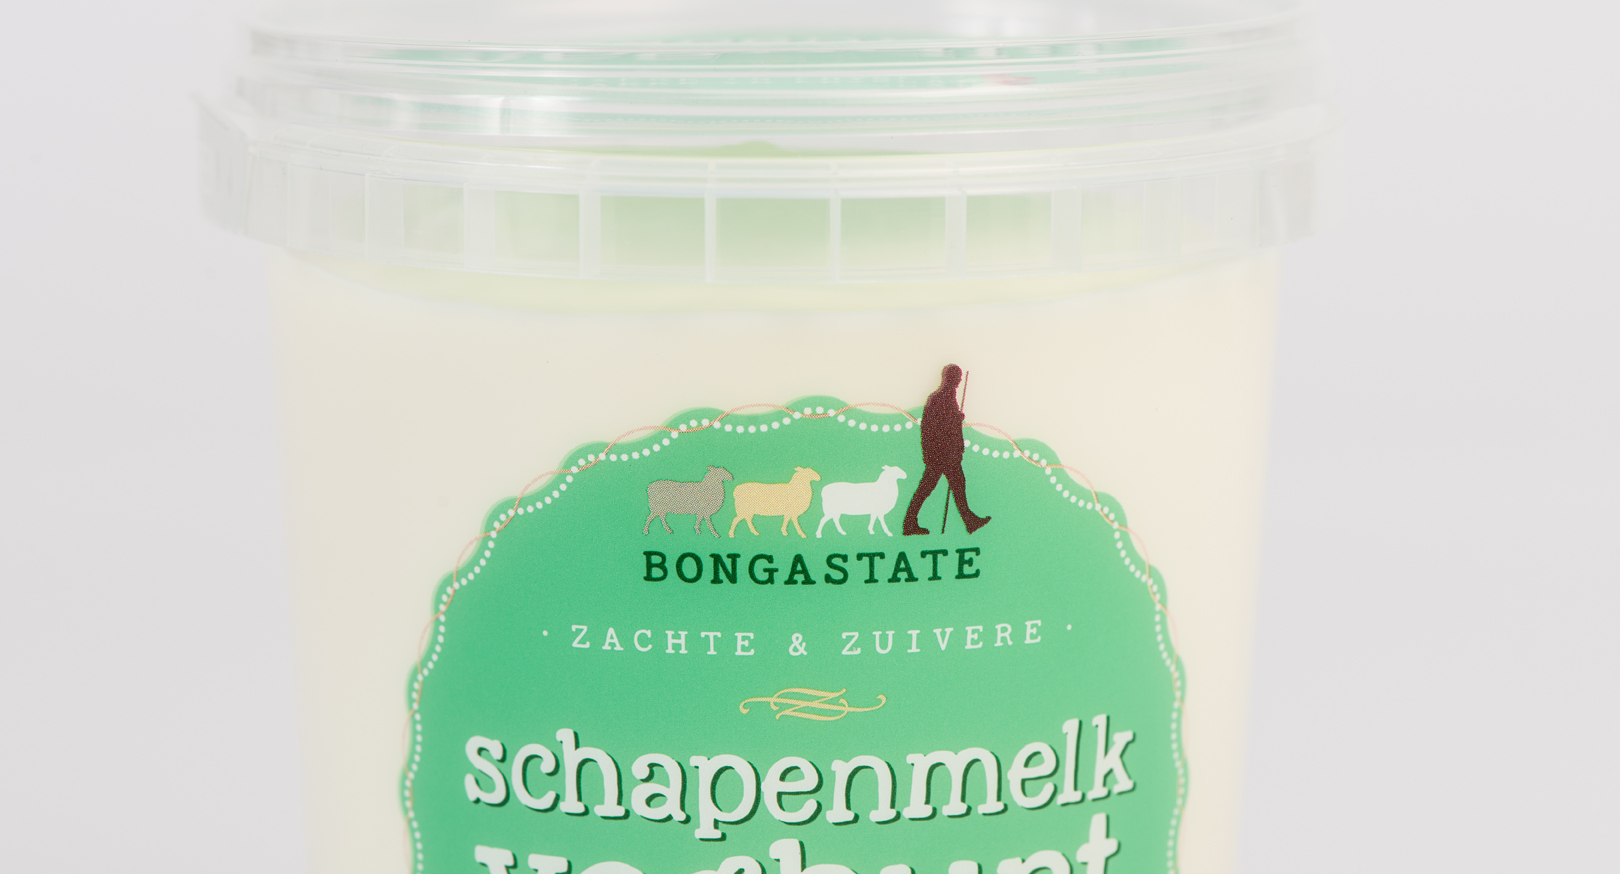 merkverhaal-logo-ontwerp-yoghurt-bongastate-2